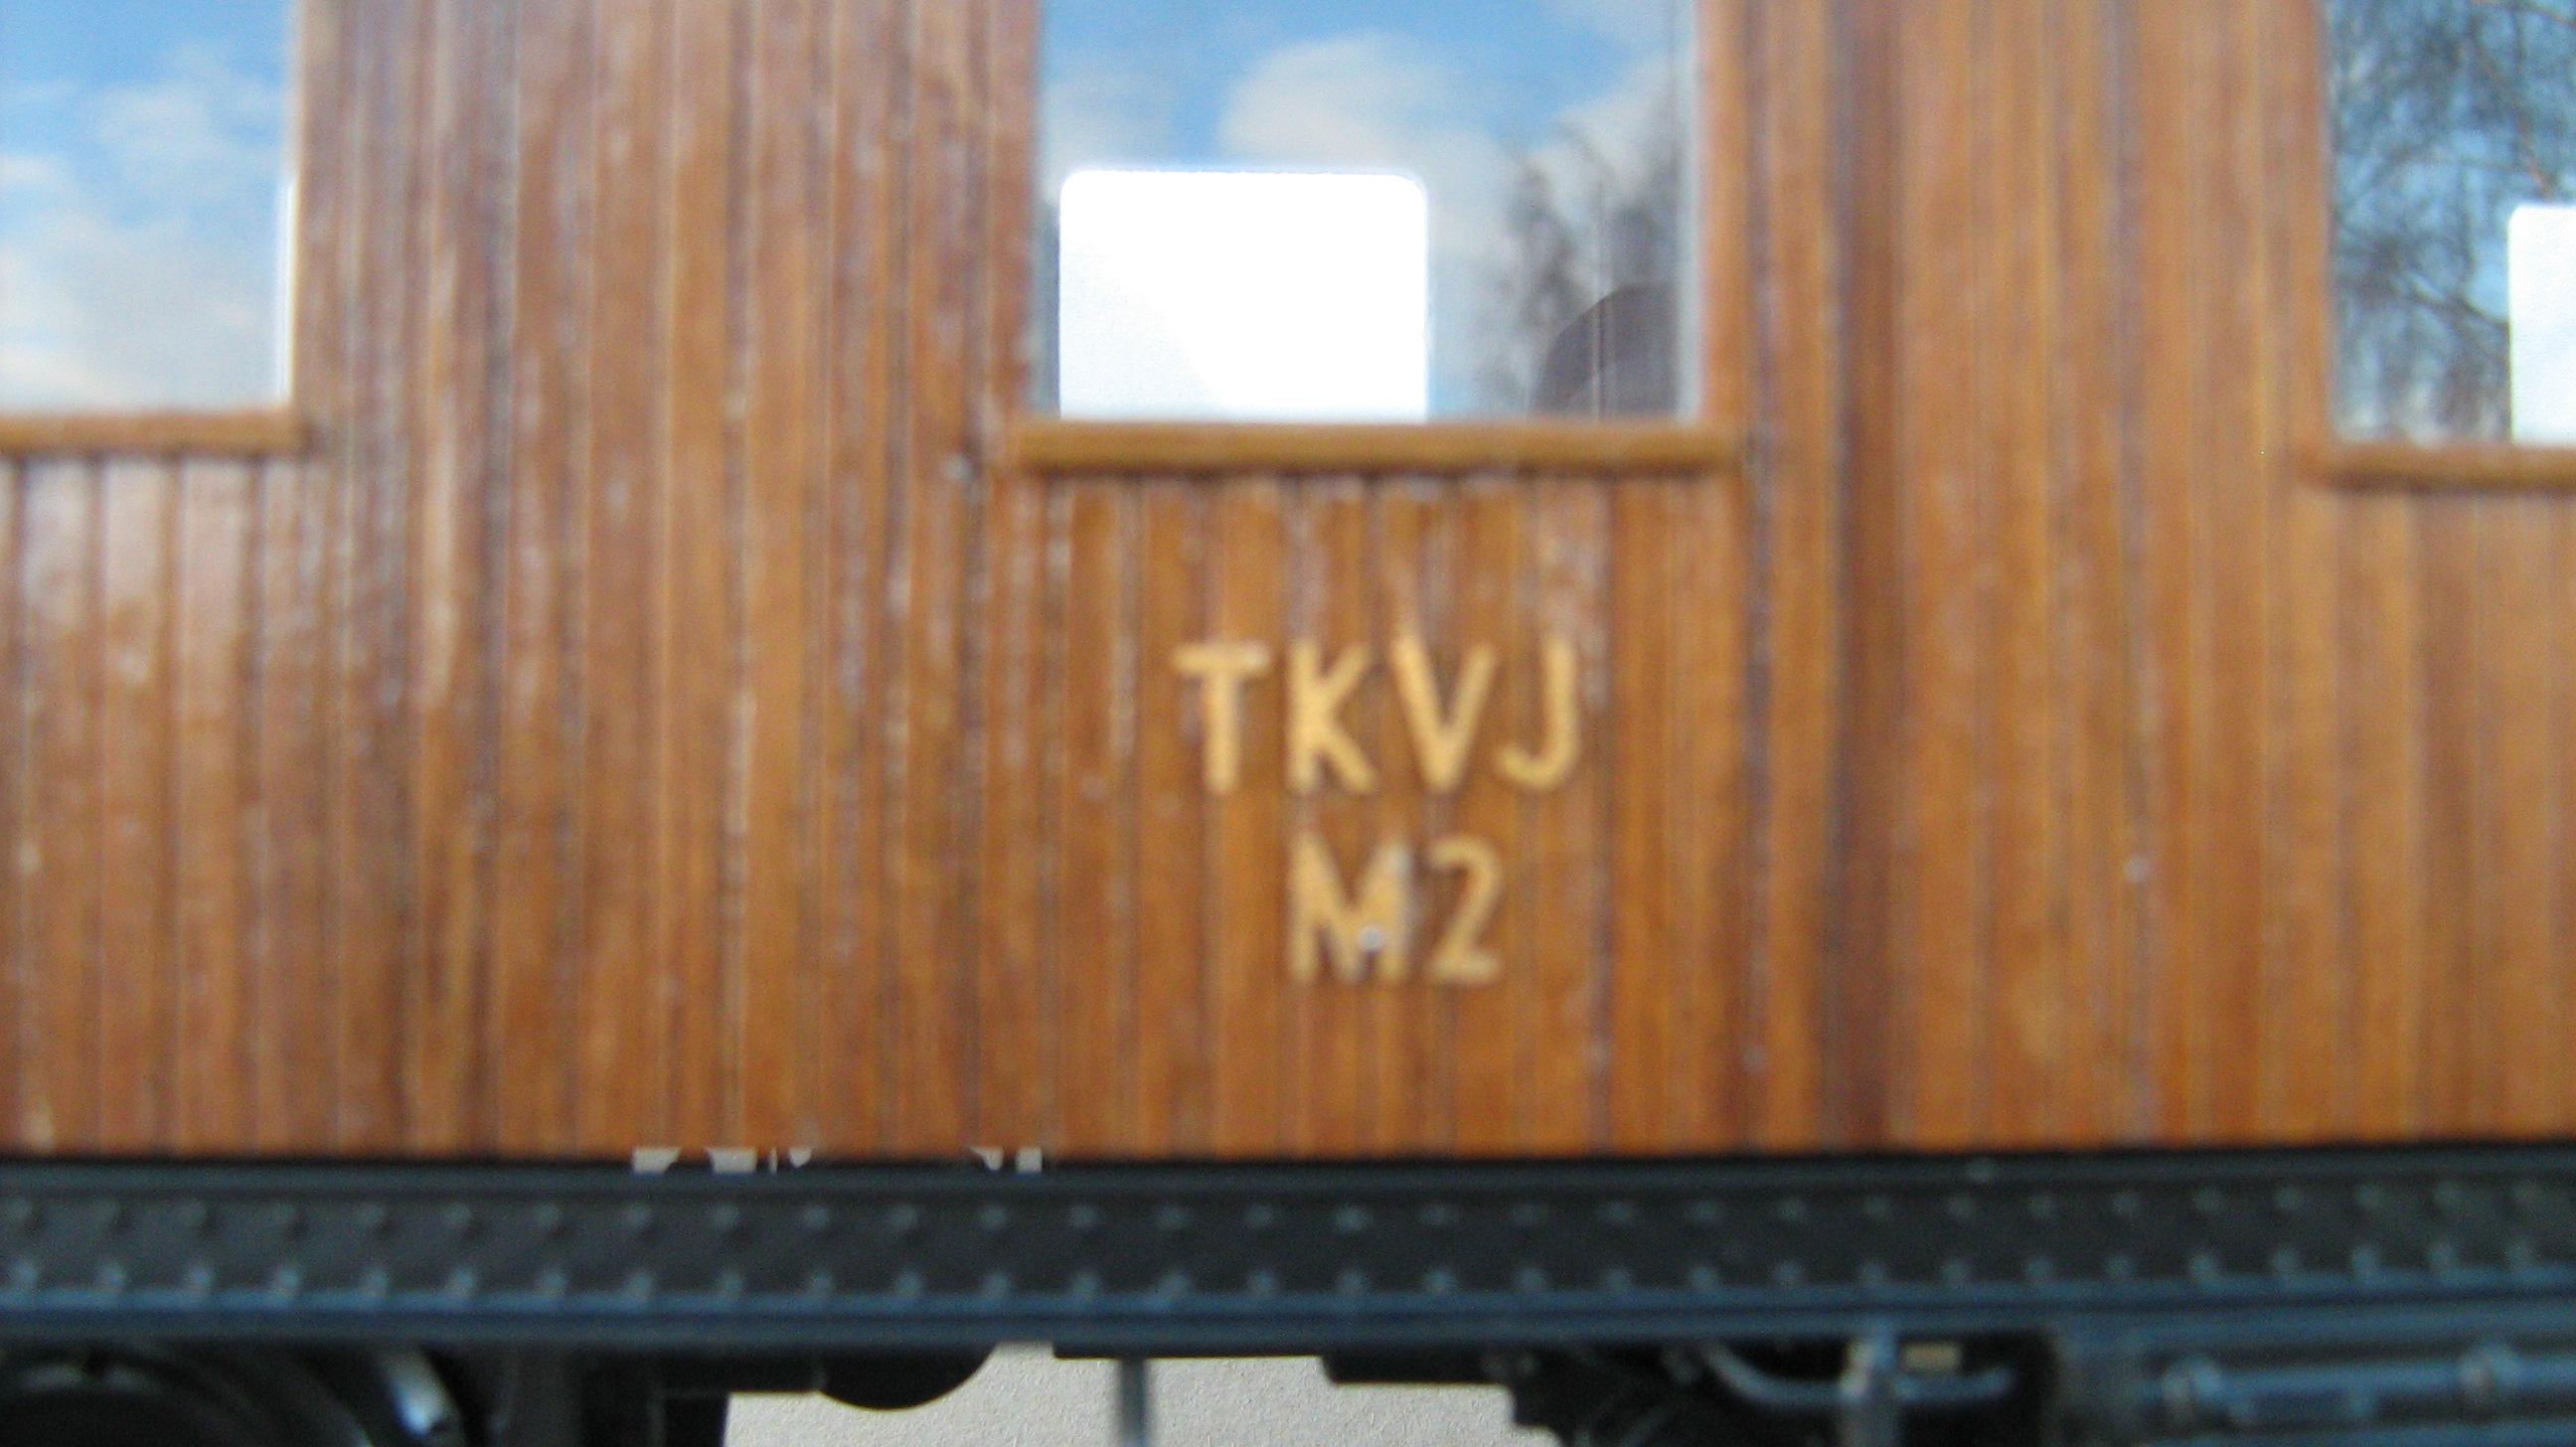 TKVJ M2